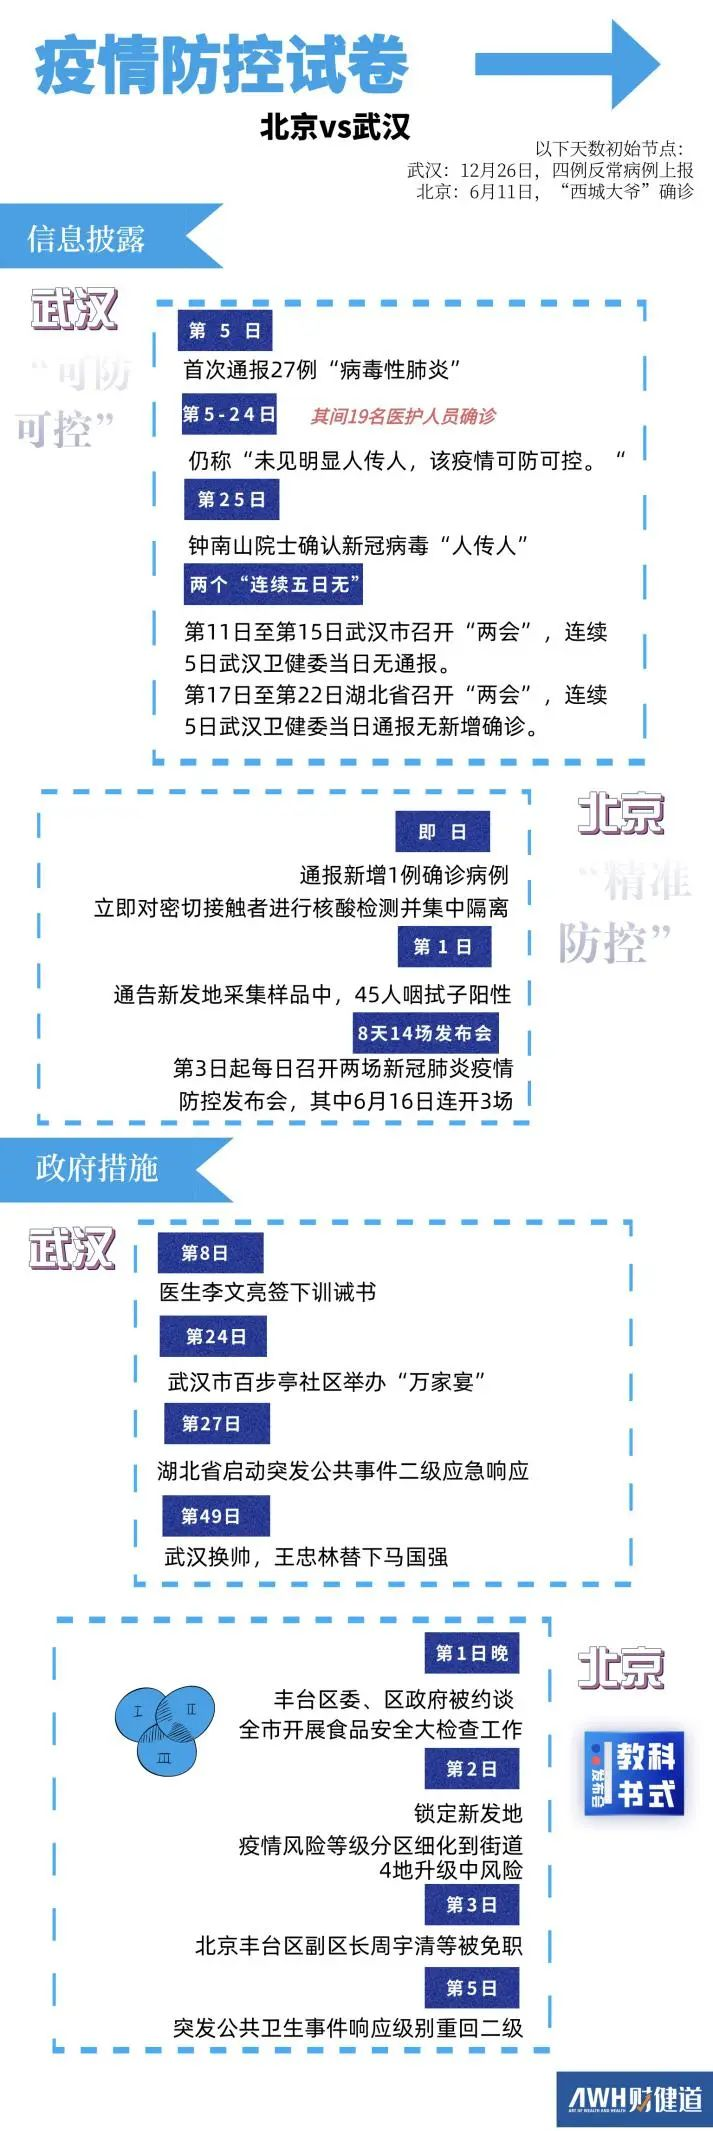 北京VS武汉:新冠防疫的答卷为何不同?图片